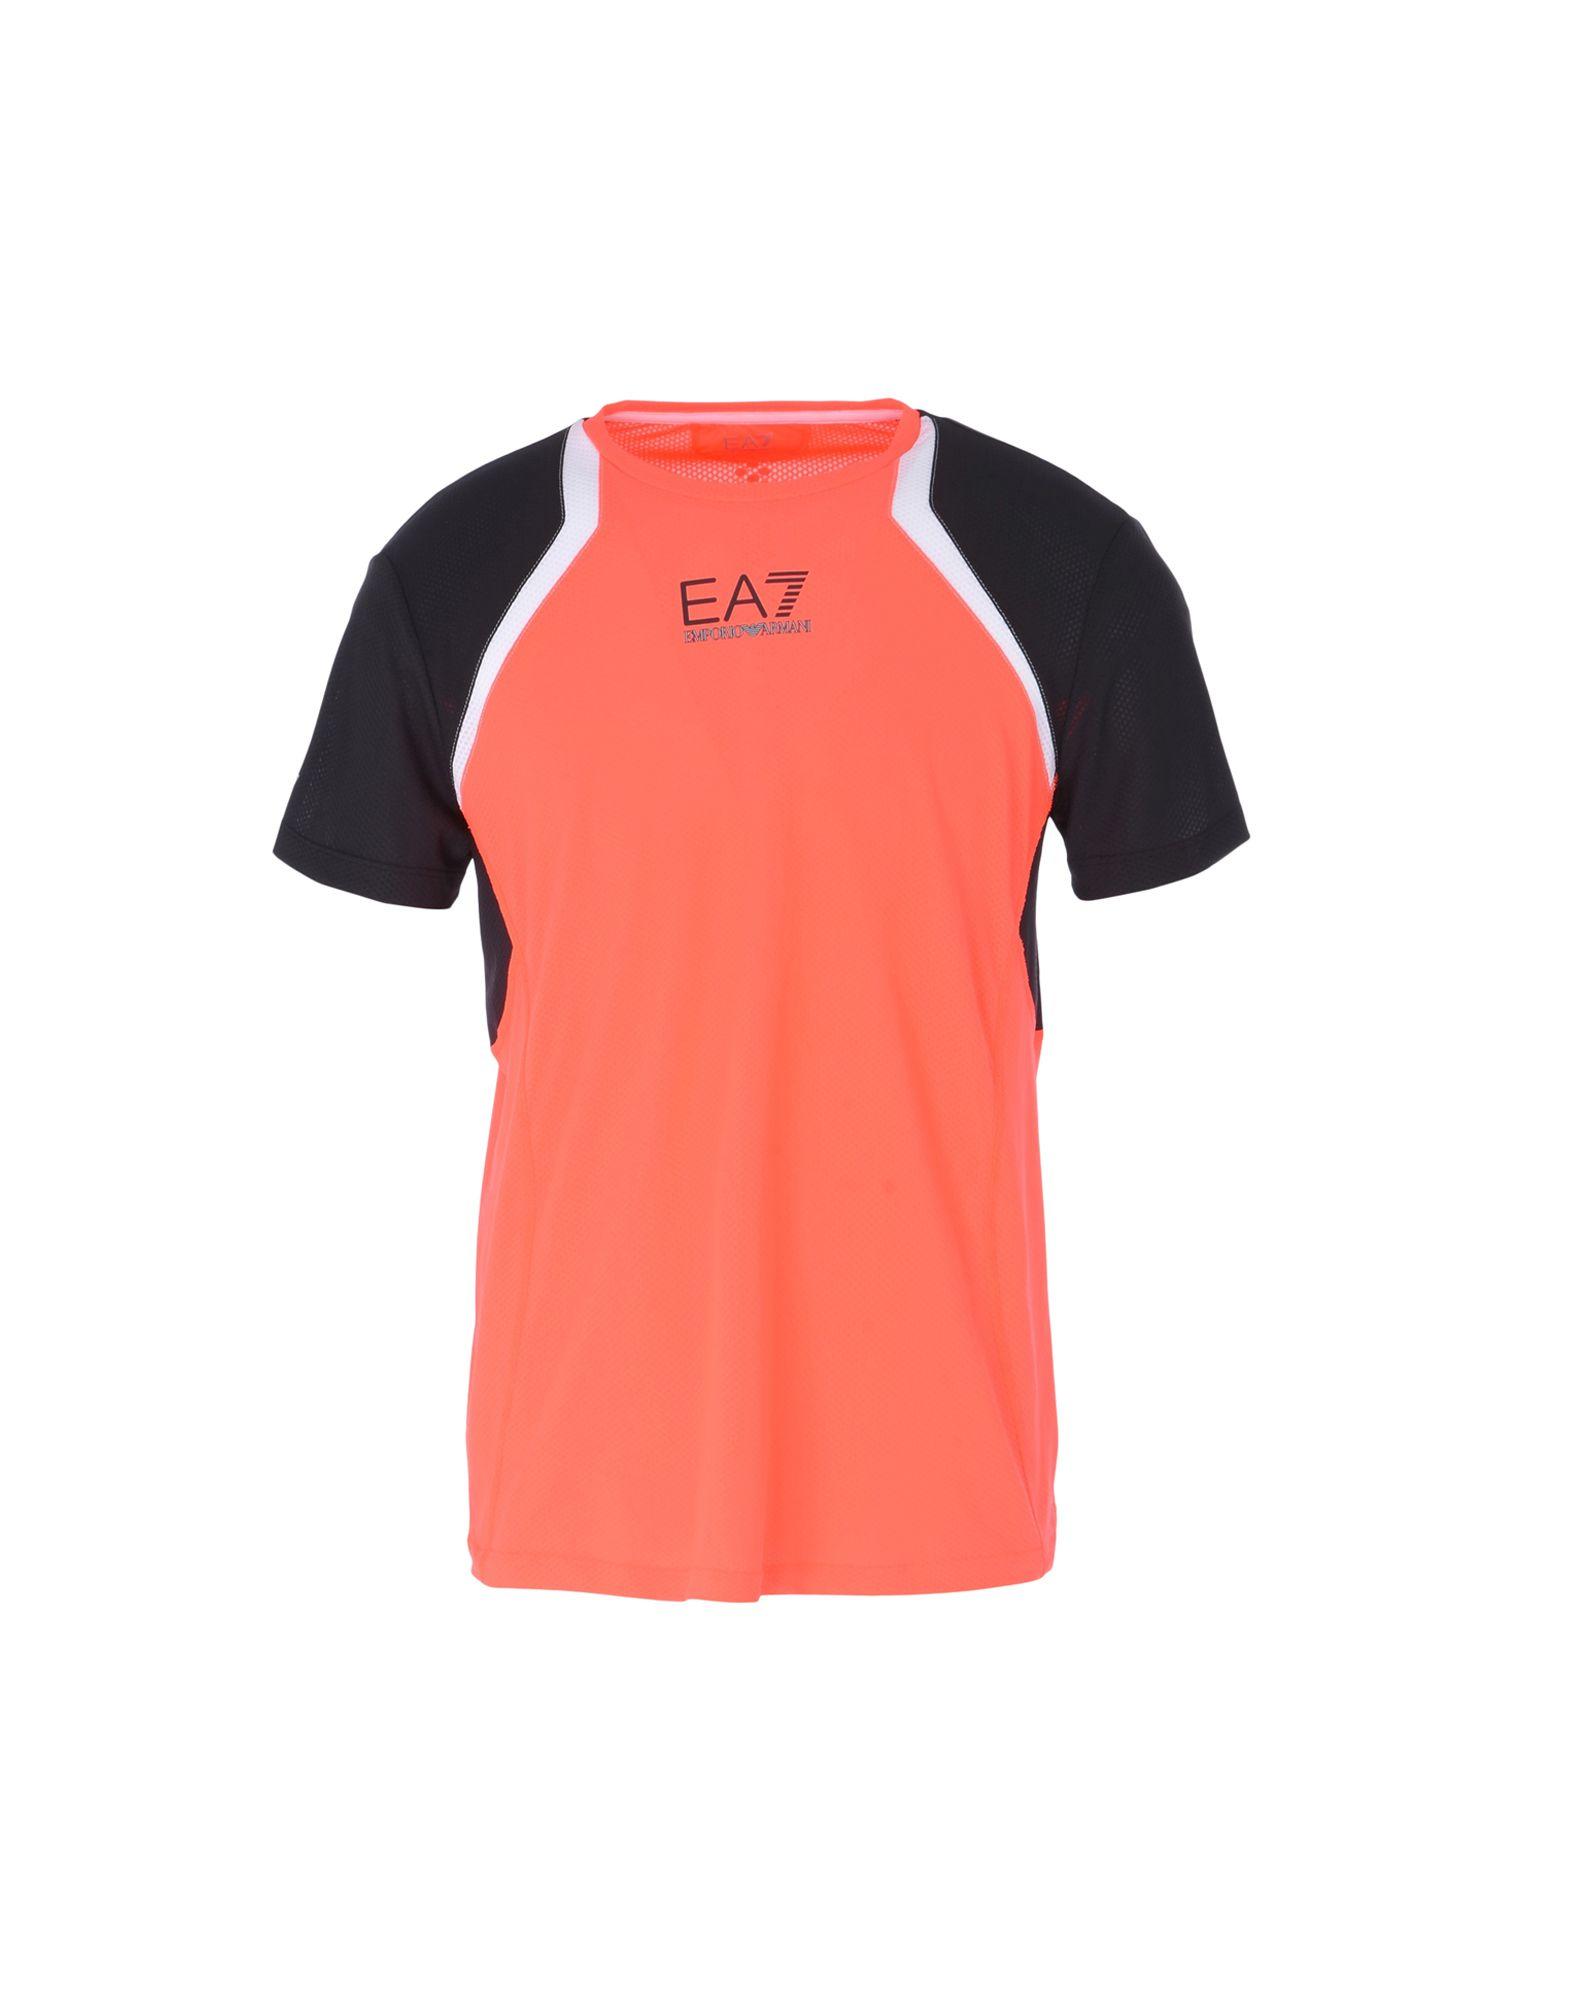 《送料無料》EA7 メンズ T シャツ コーラル M ポリエステル 100% VENTUS 7 TOP PERFORMANCE TEE SS